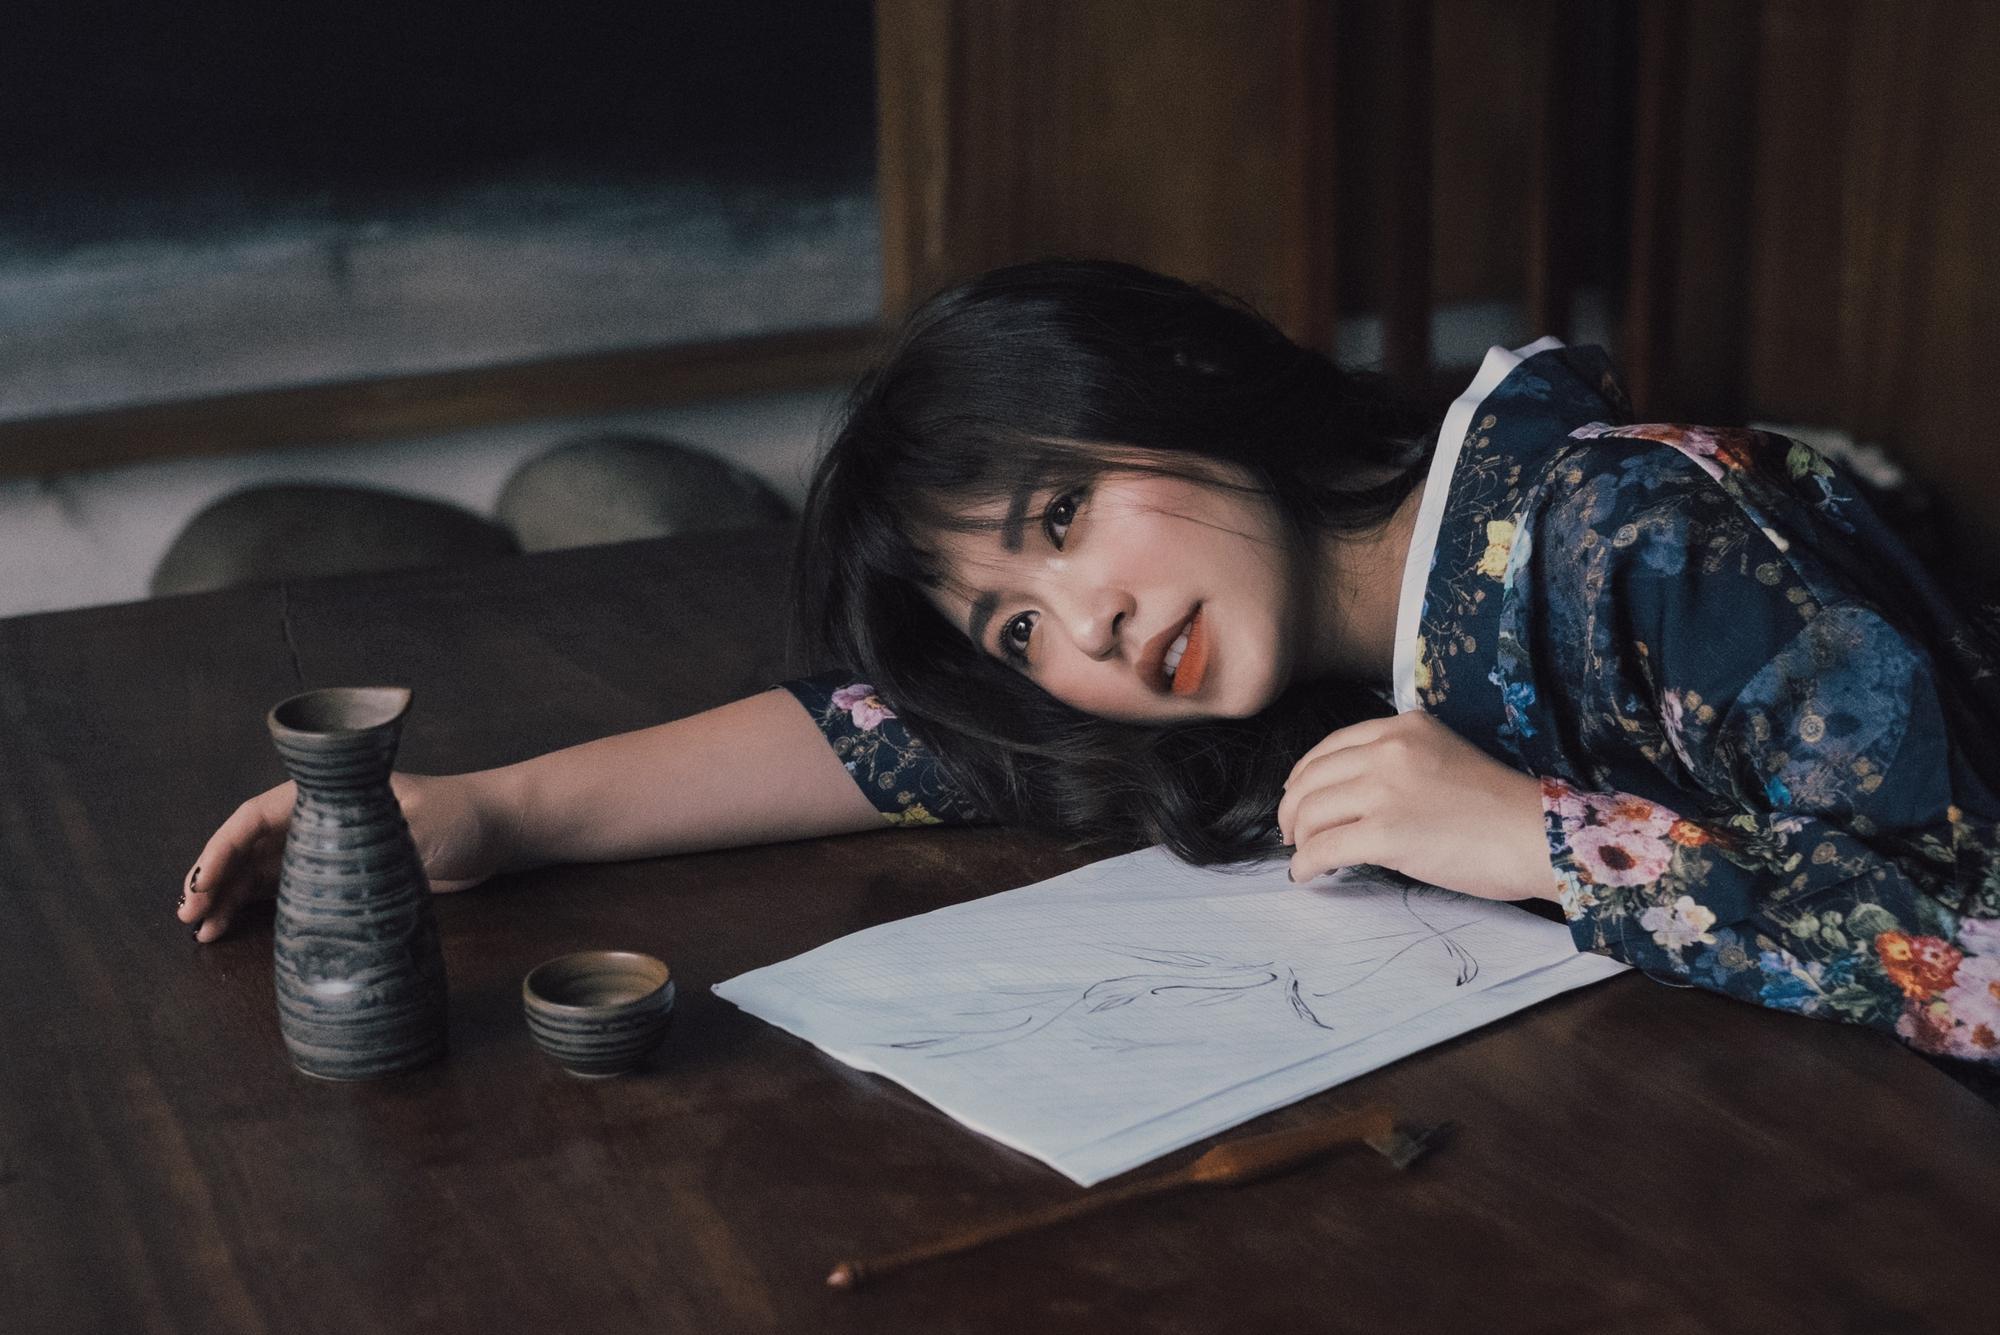 Mẫn Tiên gợi cảm trong bộ ảnh mới, tiết lộ tăng 8kg từ khi du học Nhật-4